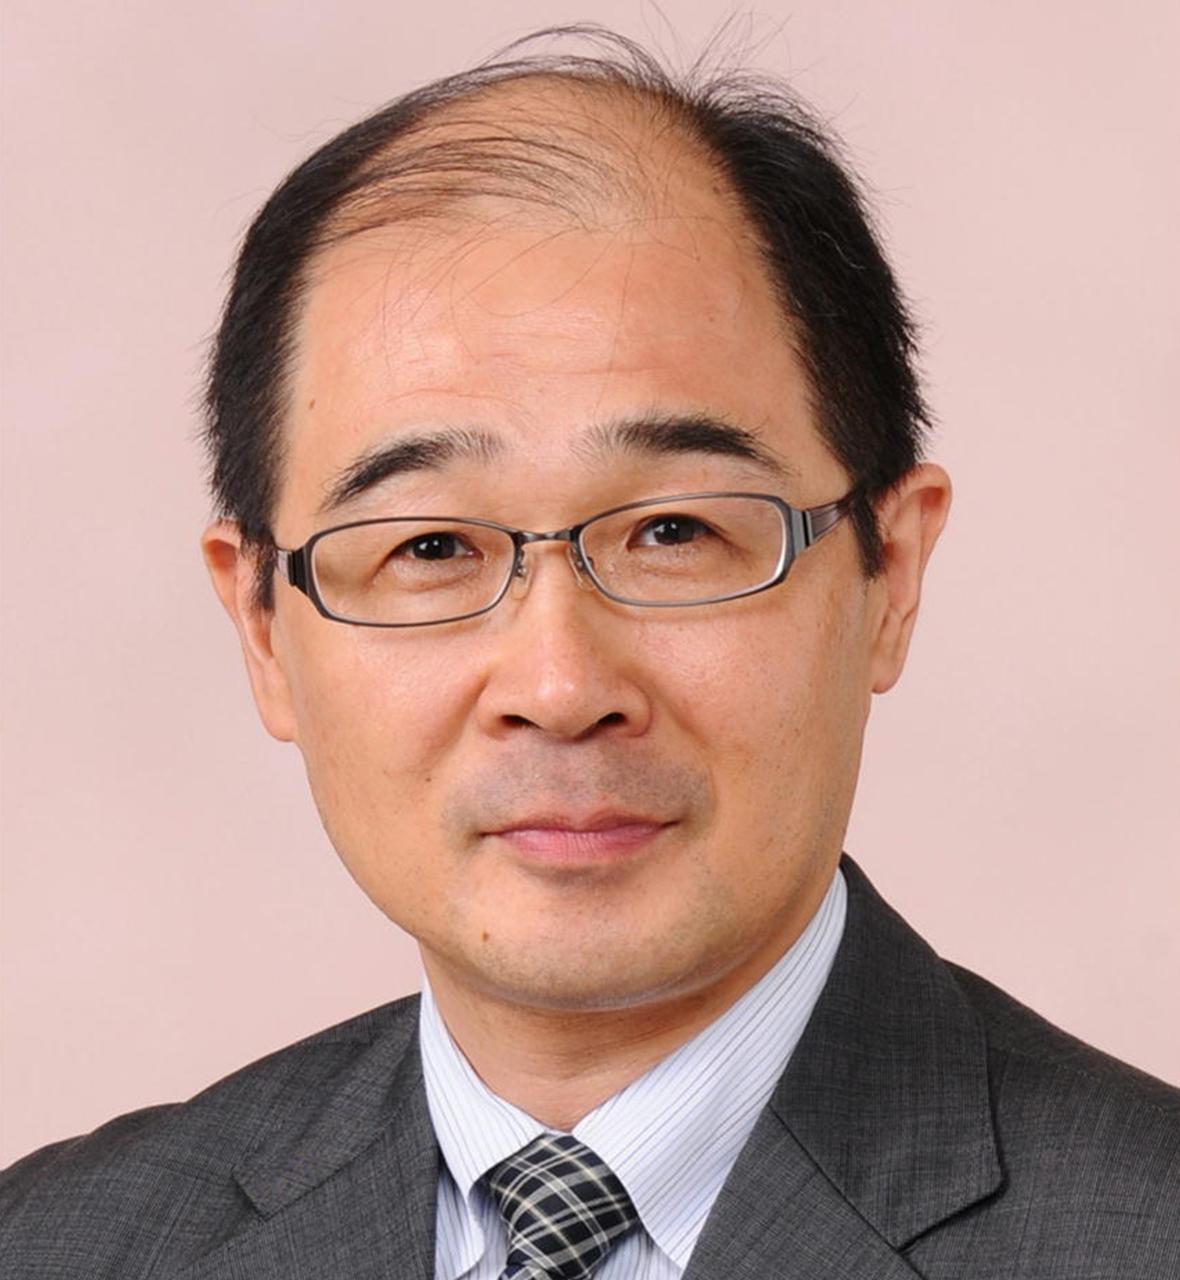 ファイナンシャルプランナー(CFP®) 恩田 雅之